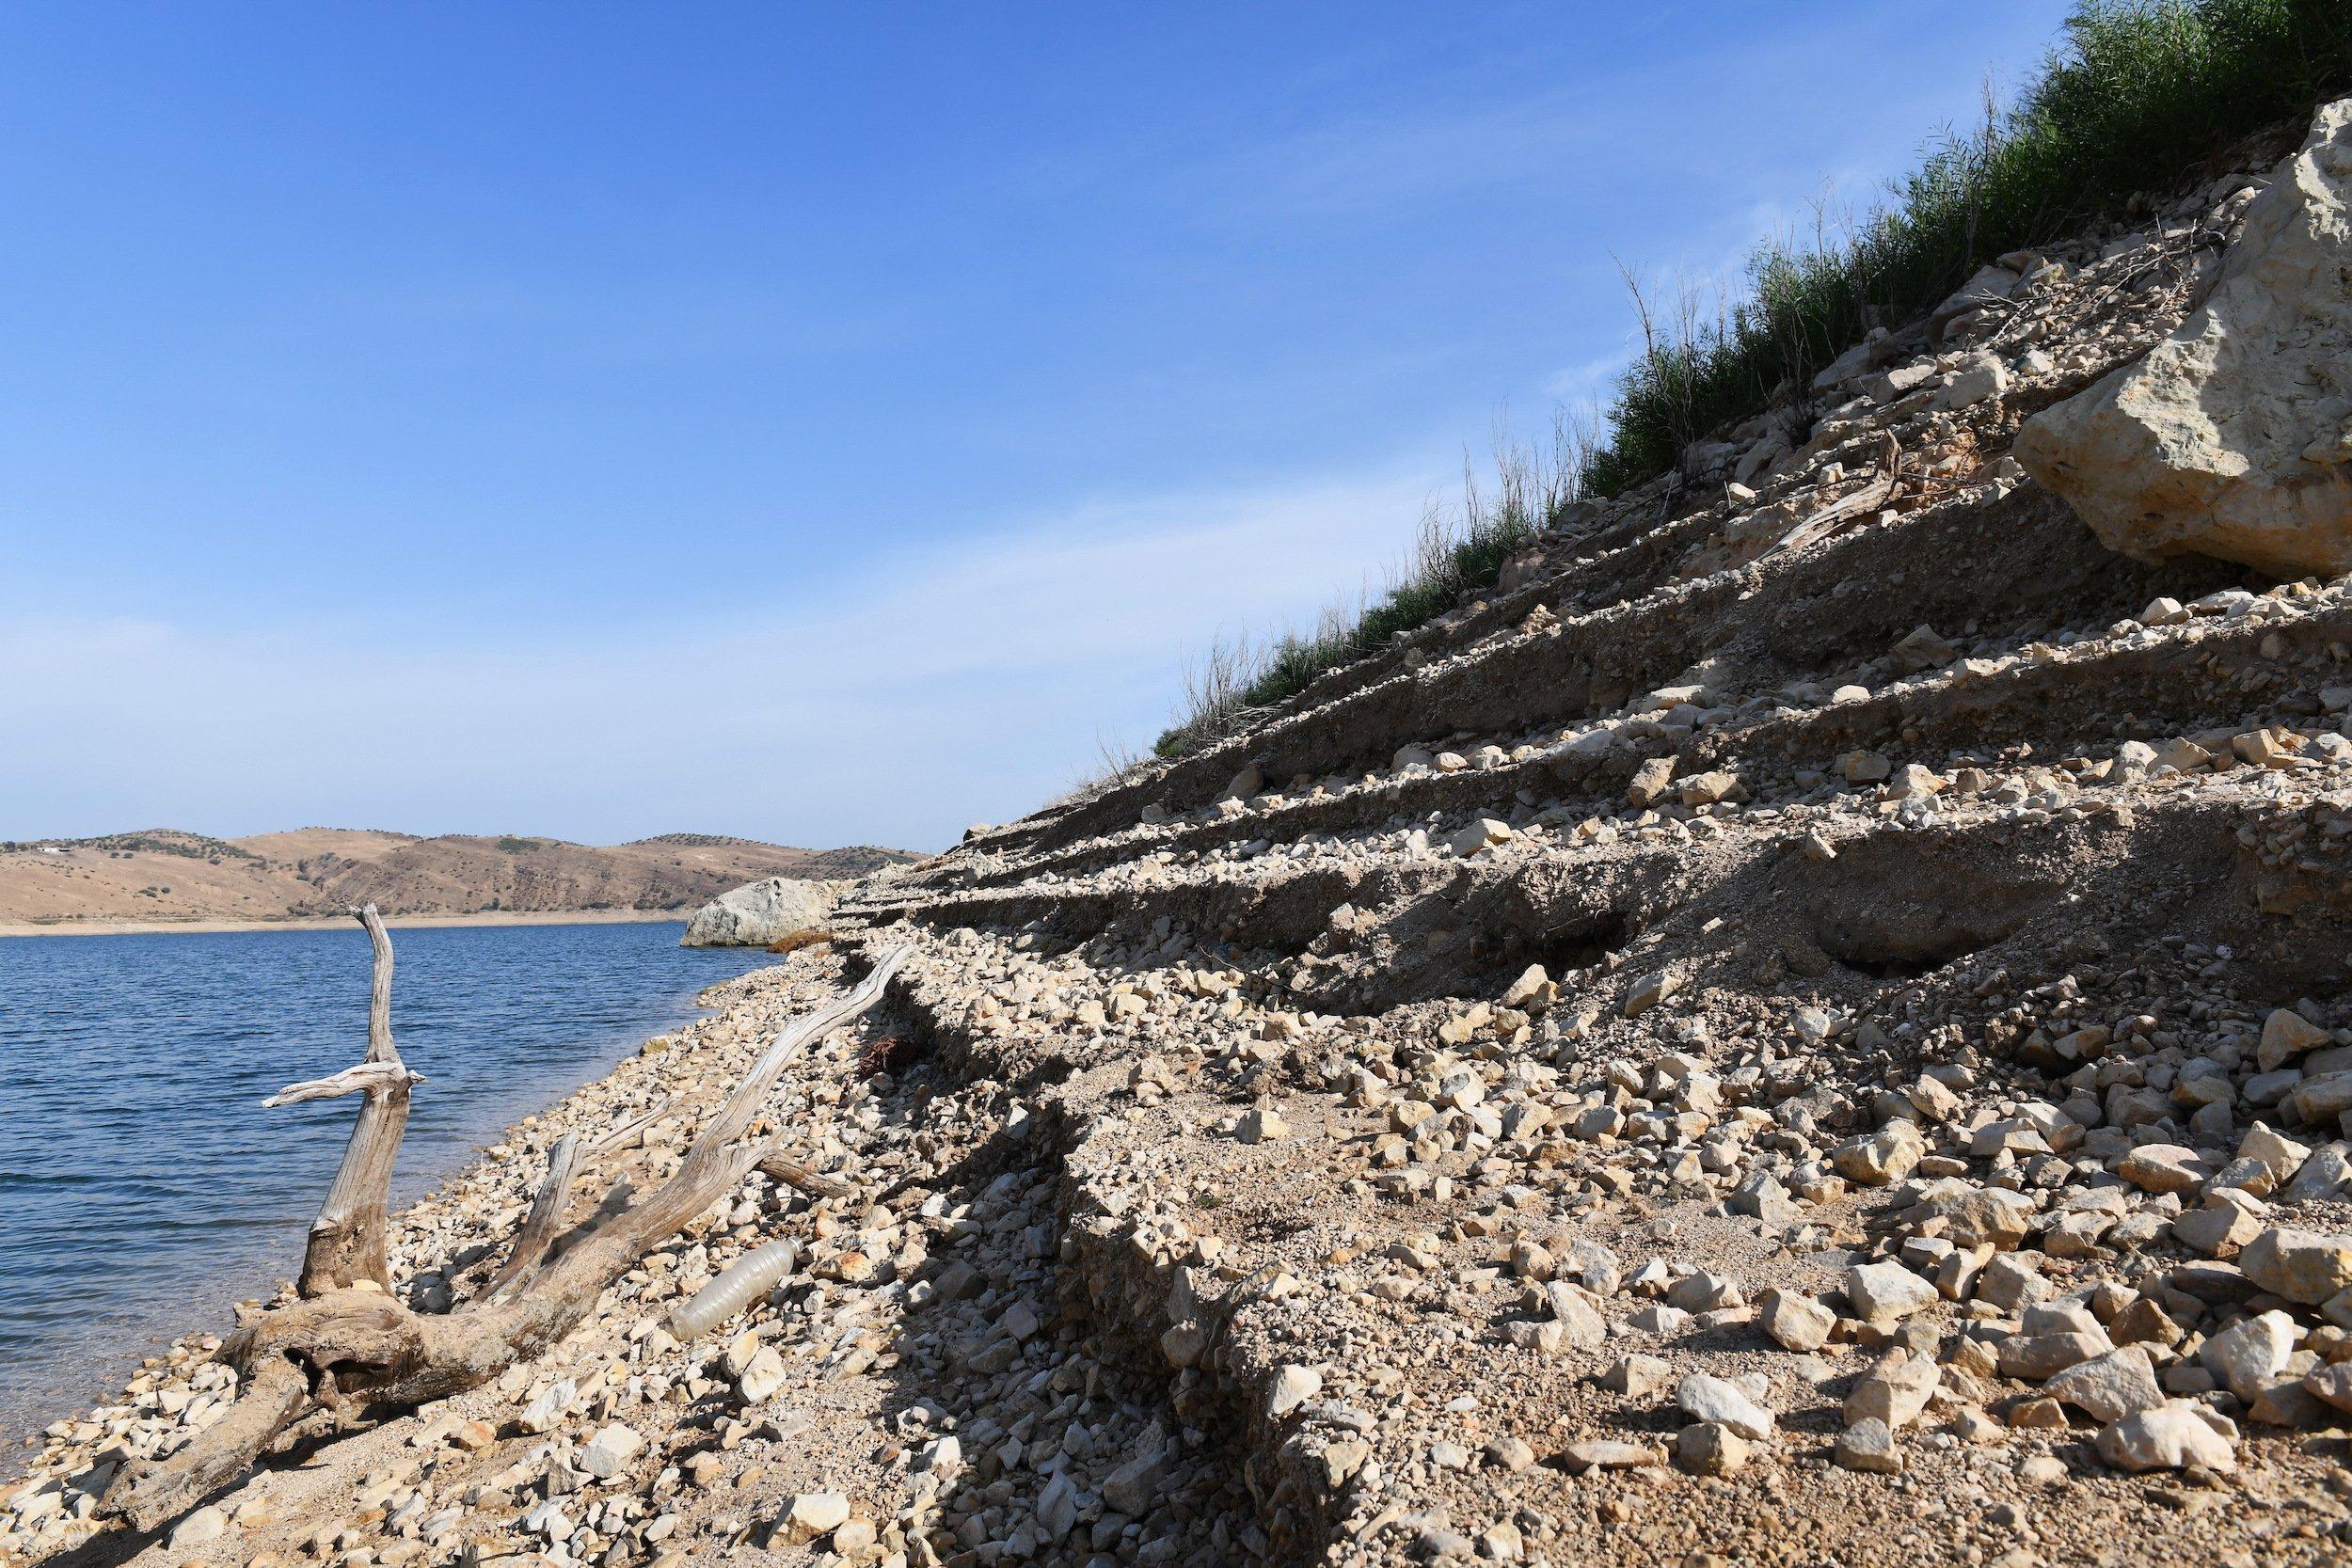 Am Rand des Staudamms sind im Geröll Stufen von vorherigen Wasserständen zu sehen.